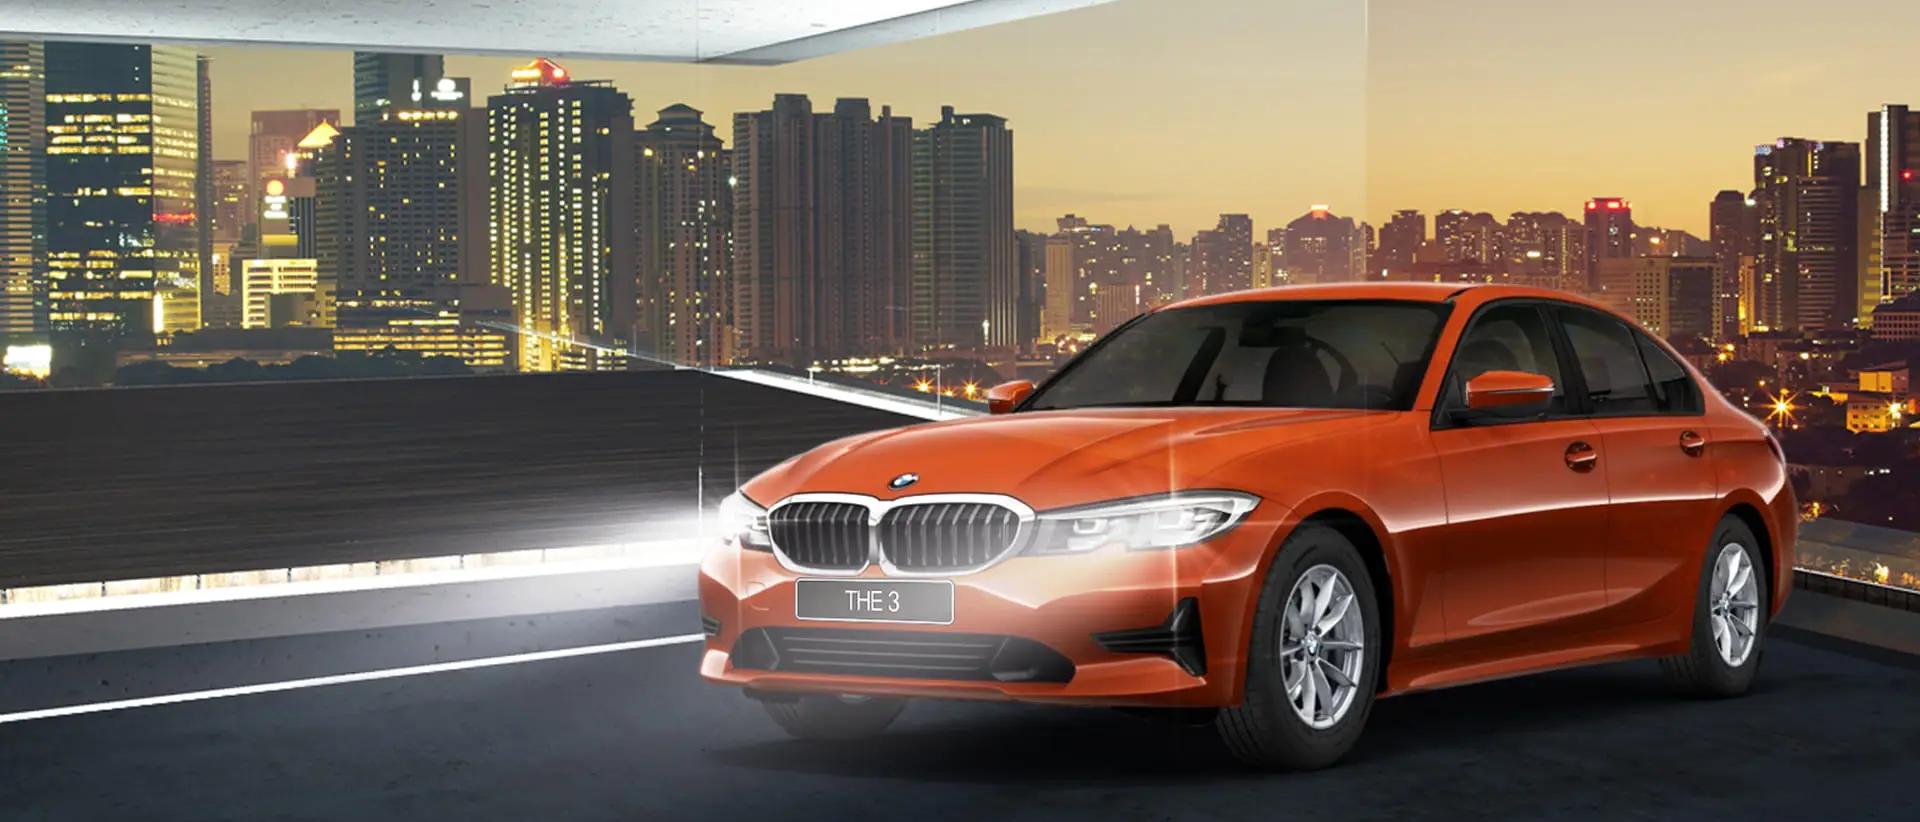 Купить новый BMW X6 M Competition, BMW X6 M, BMW X6 M50i и BMW X6 M50d 2020-2021 в Москве в автосалоне официального дилера BMW Автодом Внуково